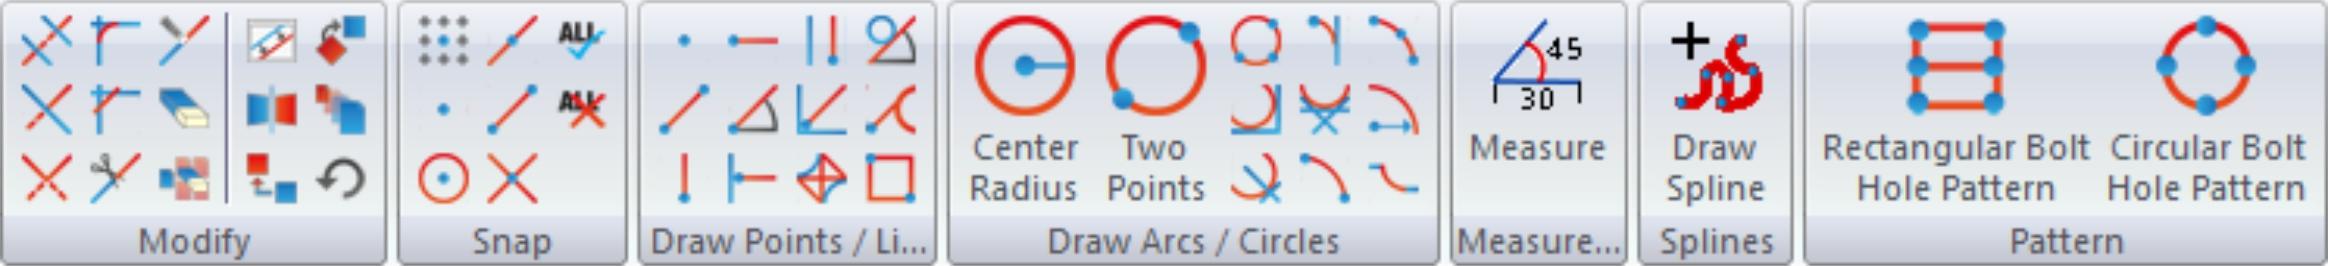 CNC-Calc Toolbar